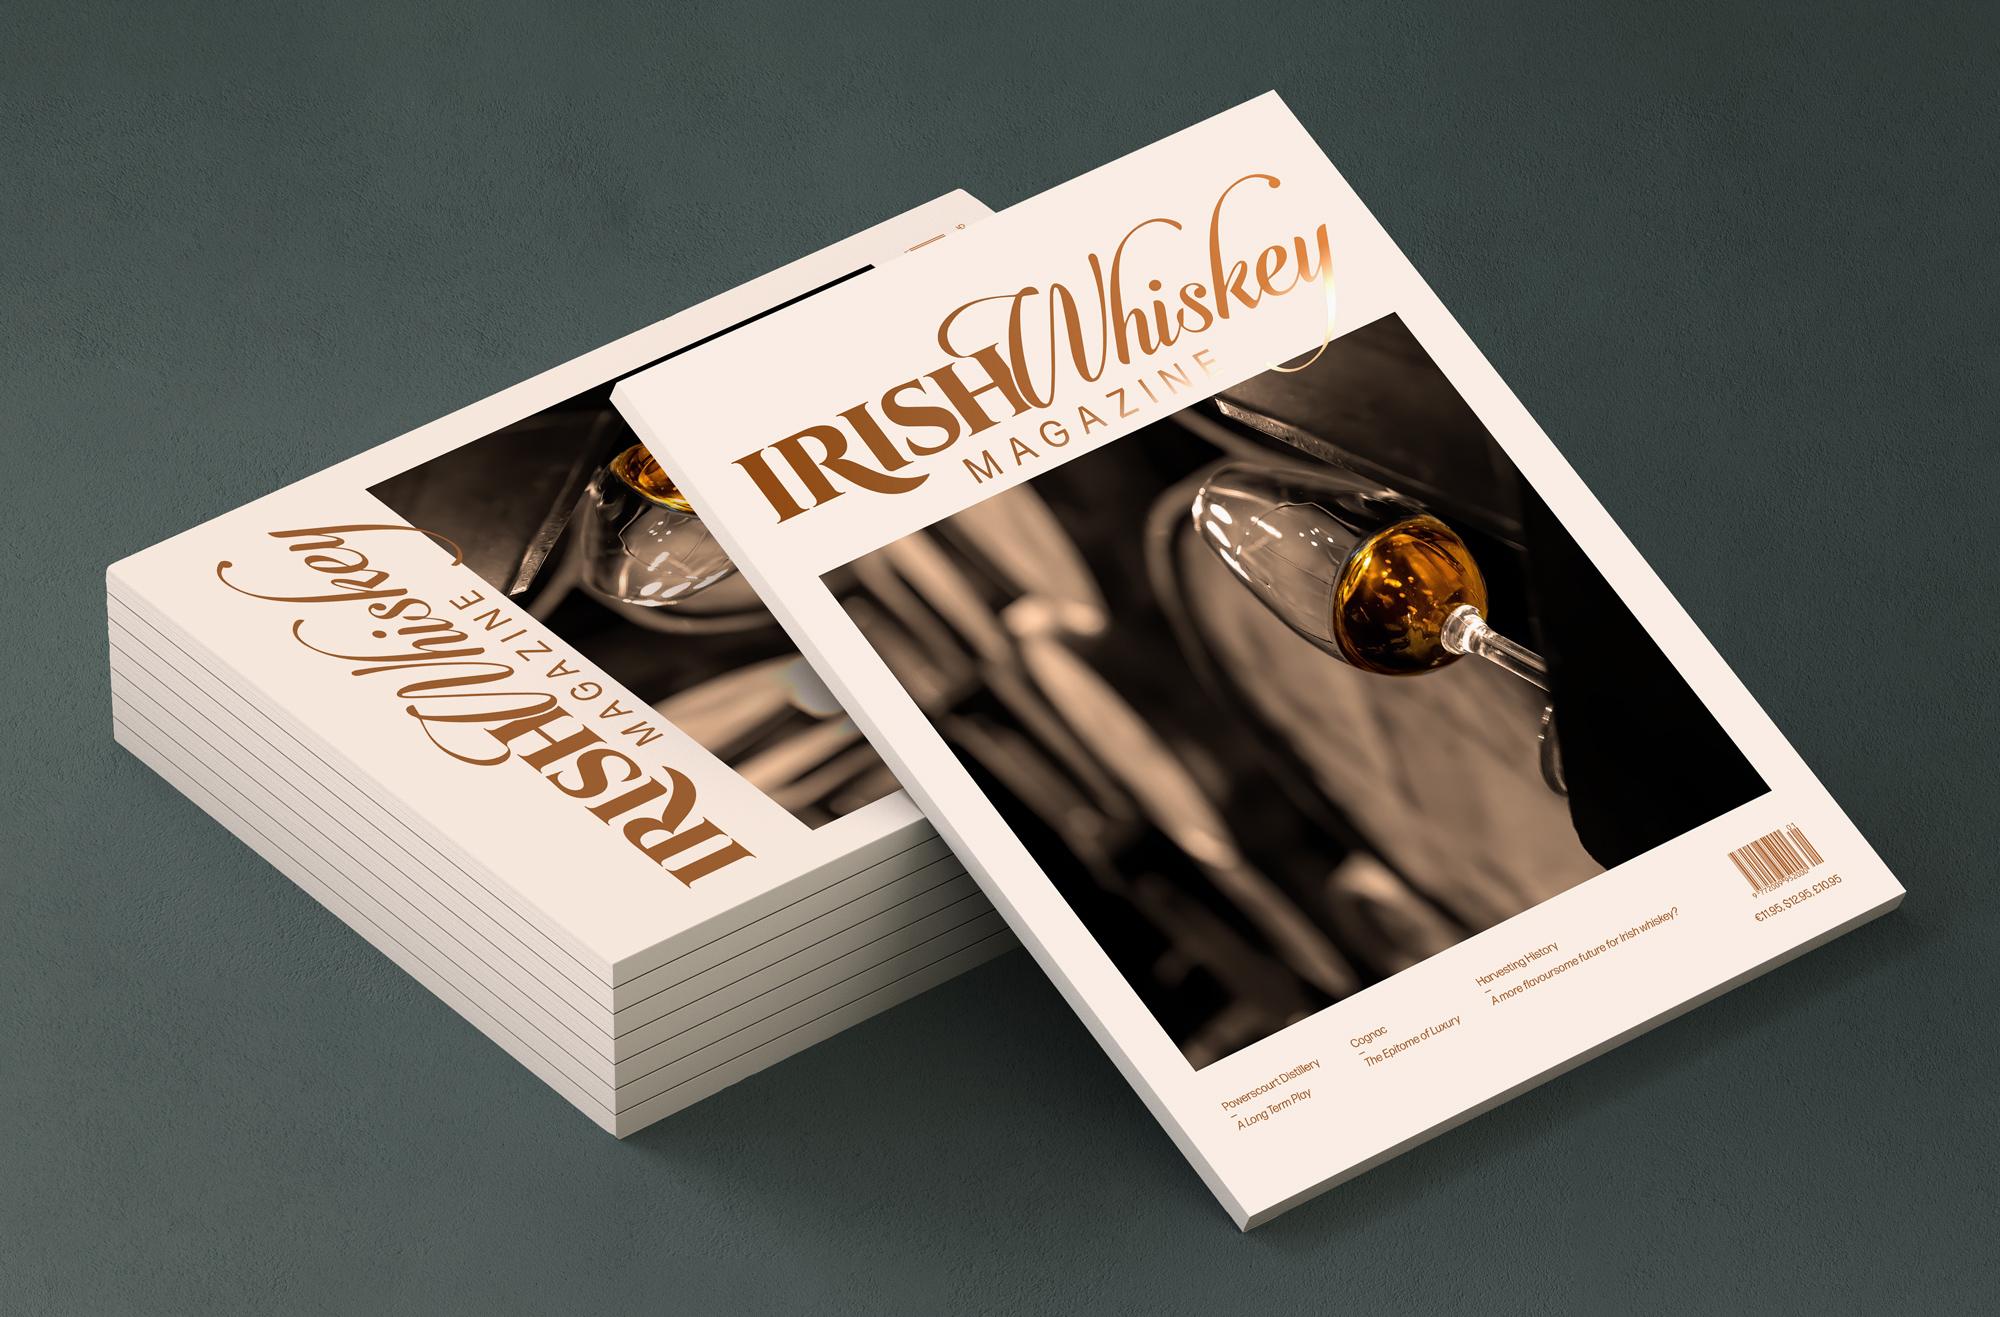 Cover image: Irish Whiskey Magazine